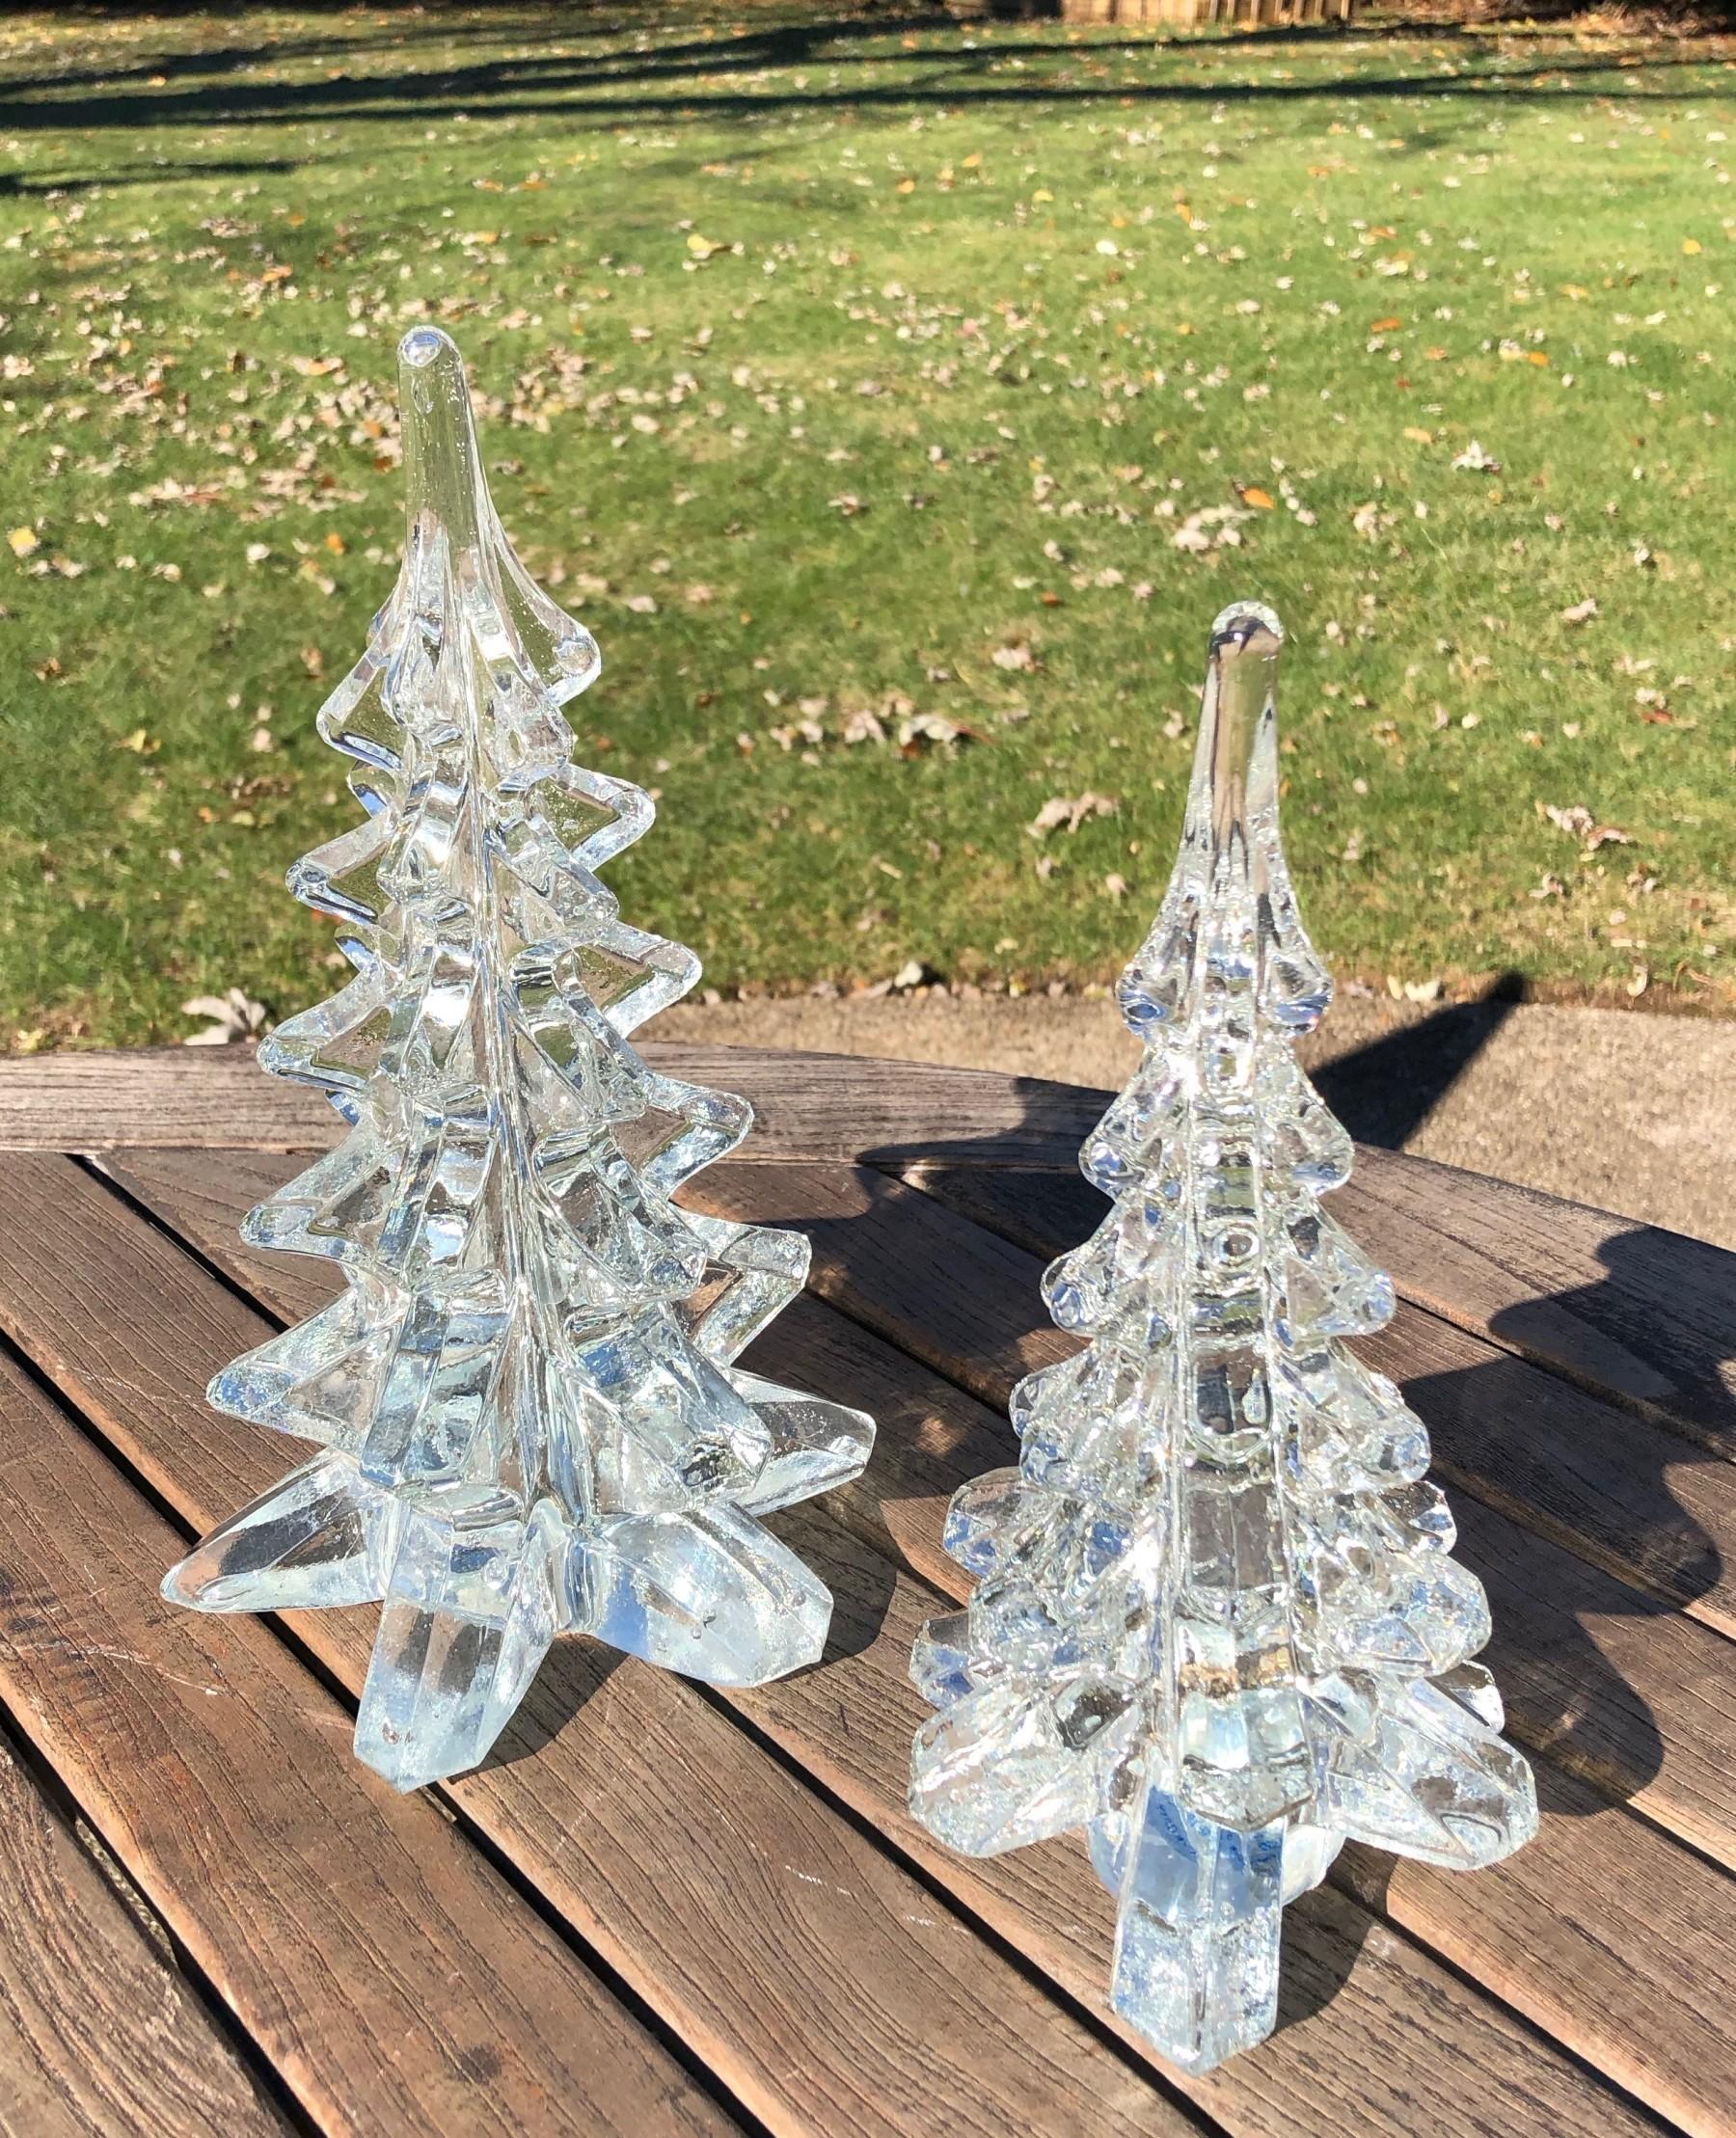 اشكال انتيكات كريستال - شجرة عيد الميلاد من الكريستال